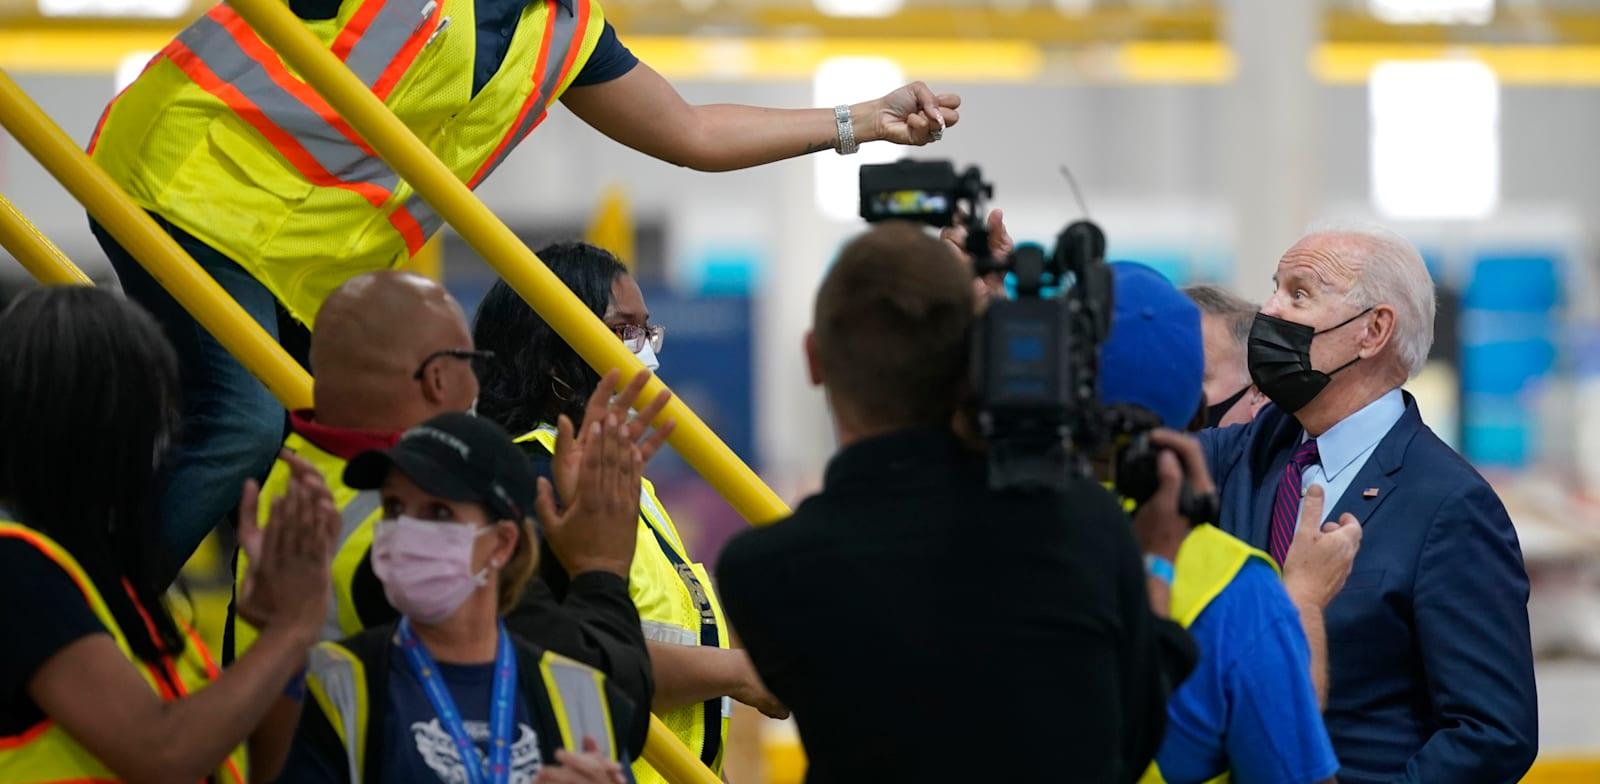 הנשיא ביידן בביקור במפעל של פורד במישיגן, החודש / צילום: Associated Press, Evan Vucci